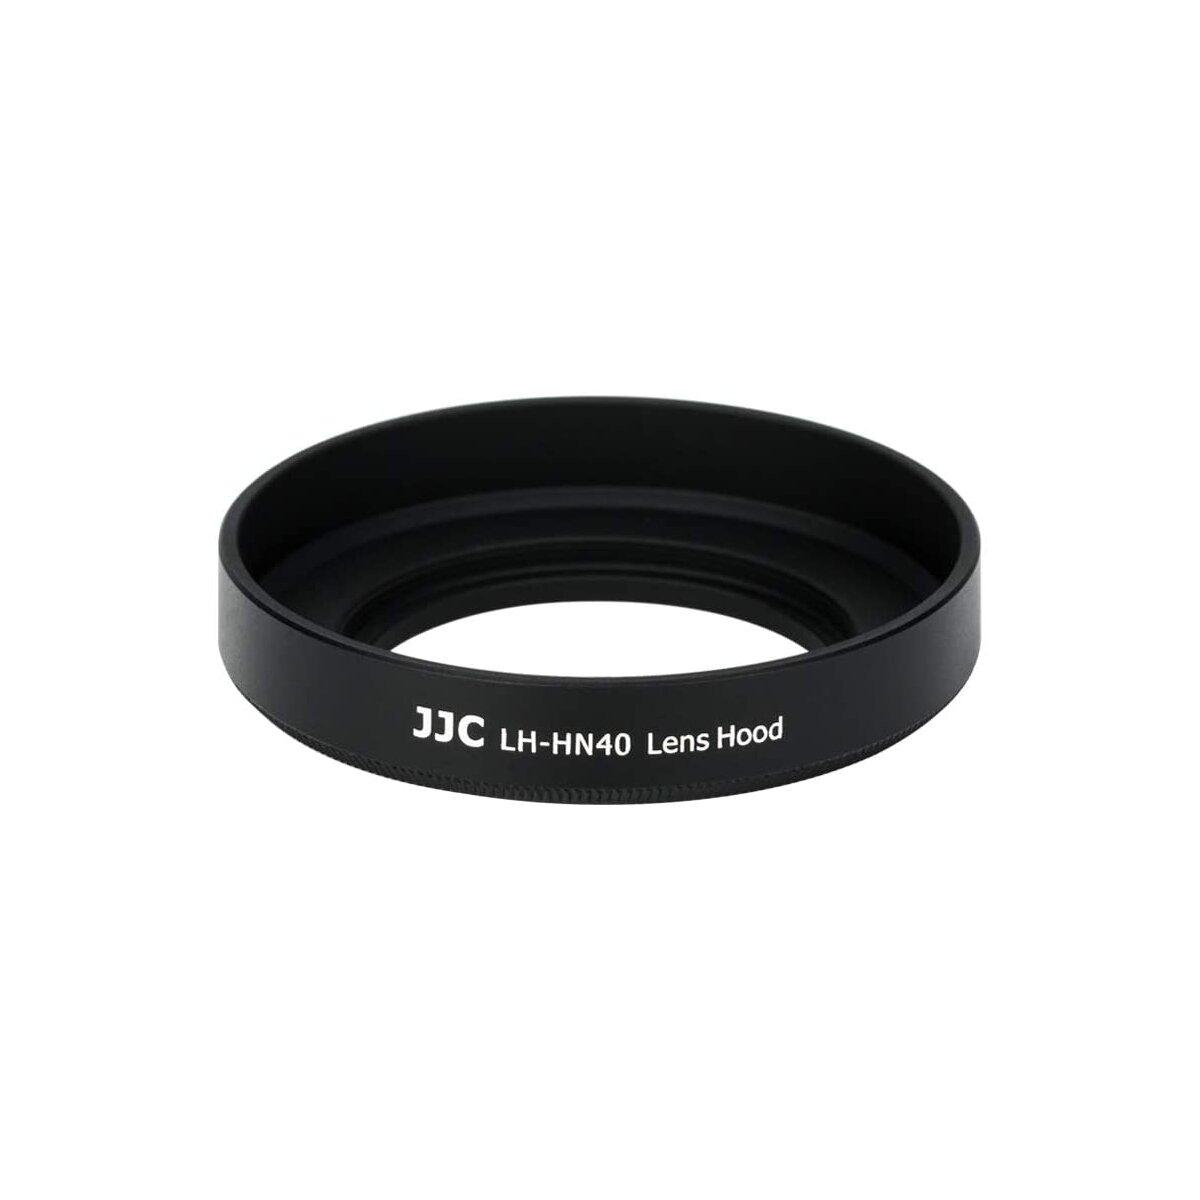 JJC LH-HN40 Gegenlichtblende aus Metall kompatibel für Nikon NIKKOR Z DX 16-50mm f/3.5-6.3 VR Objektiv Ersatz für Nikon HN-40